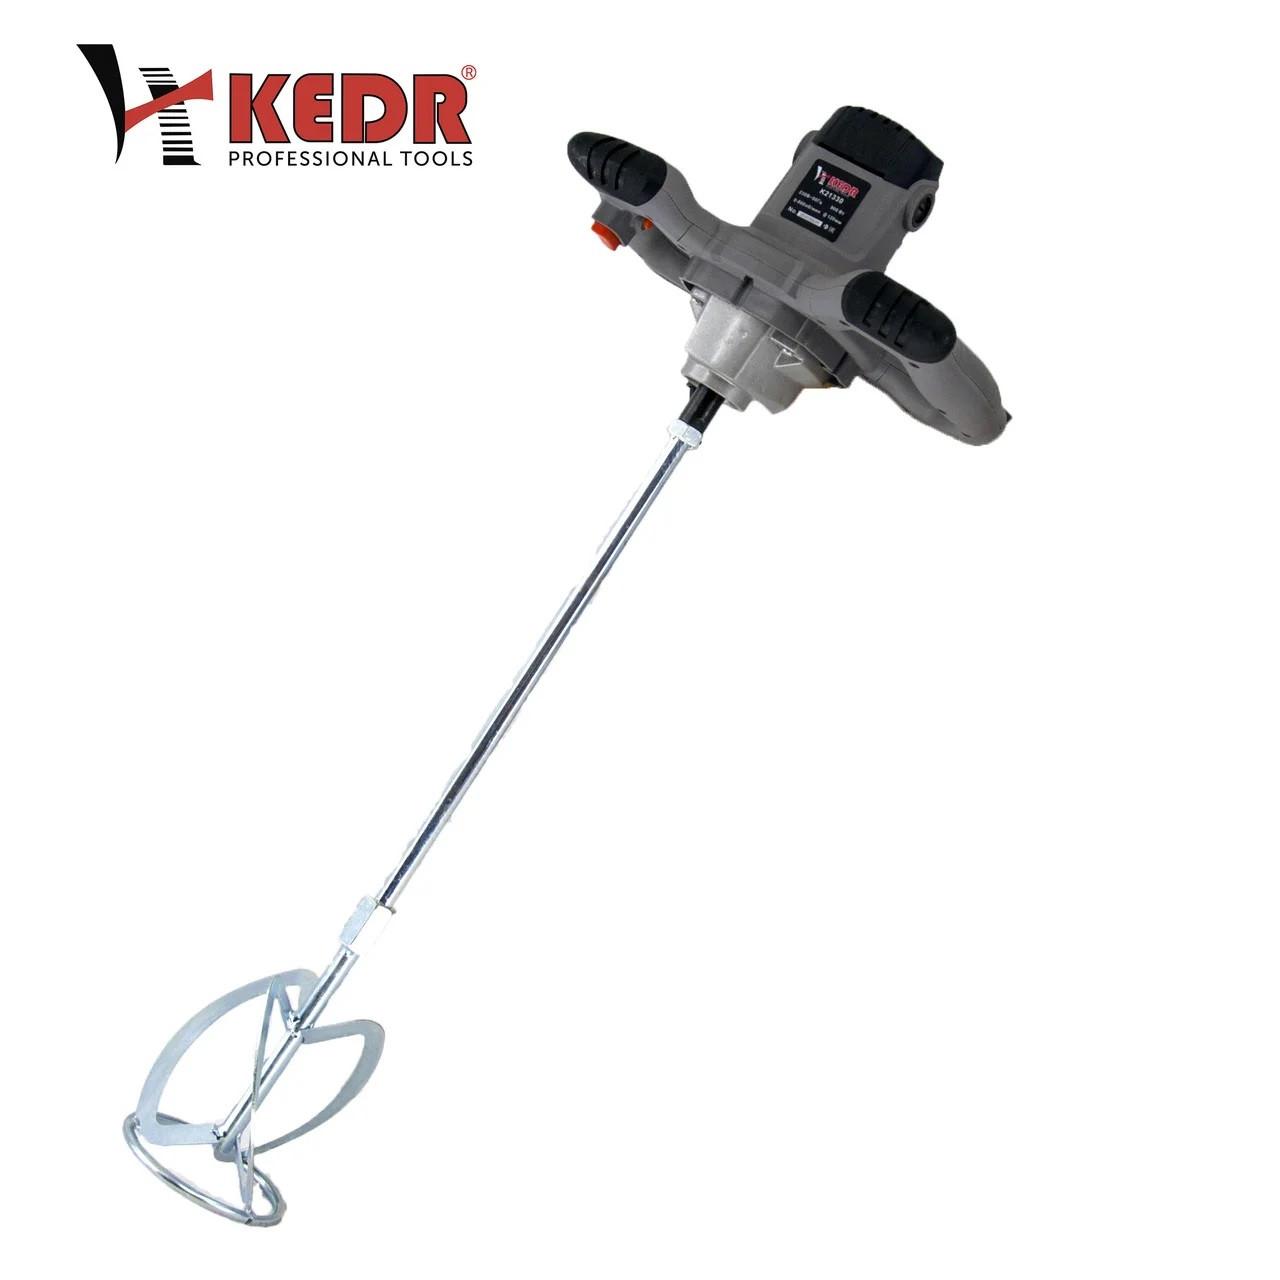 Строительный миксер KEDR K21330